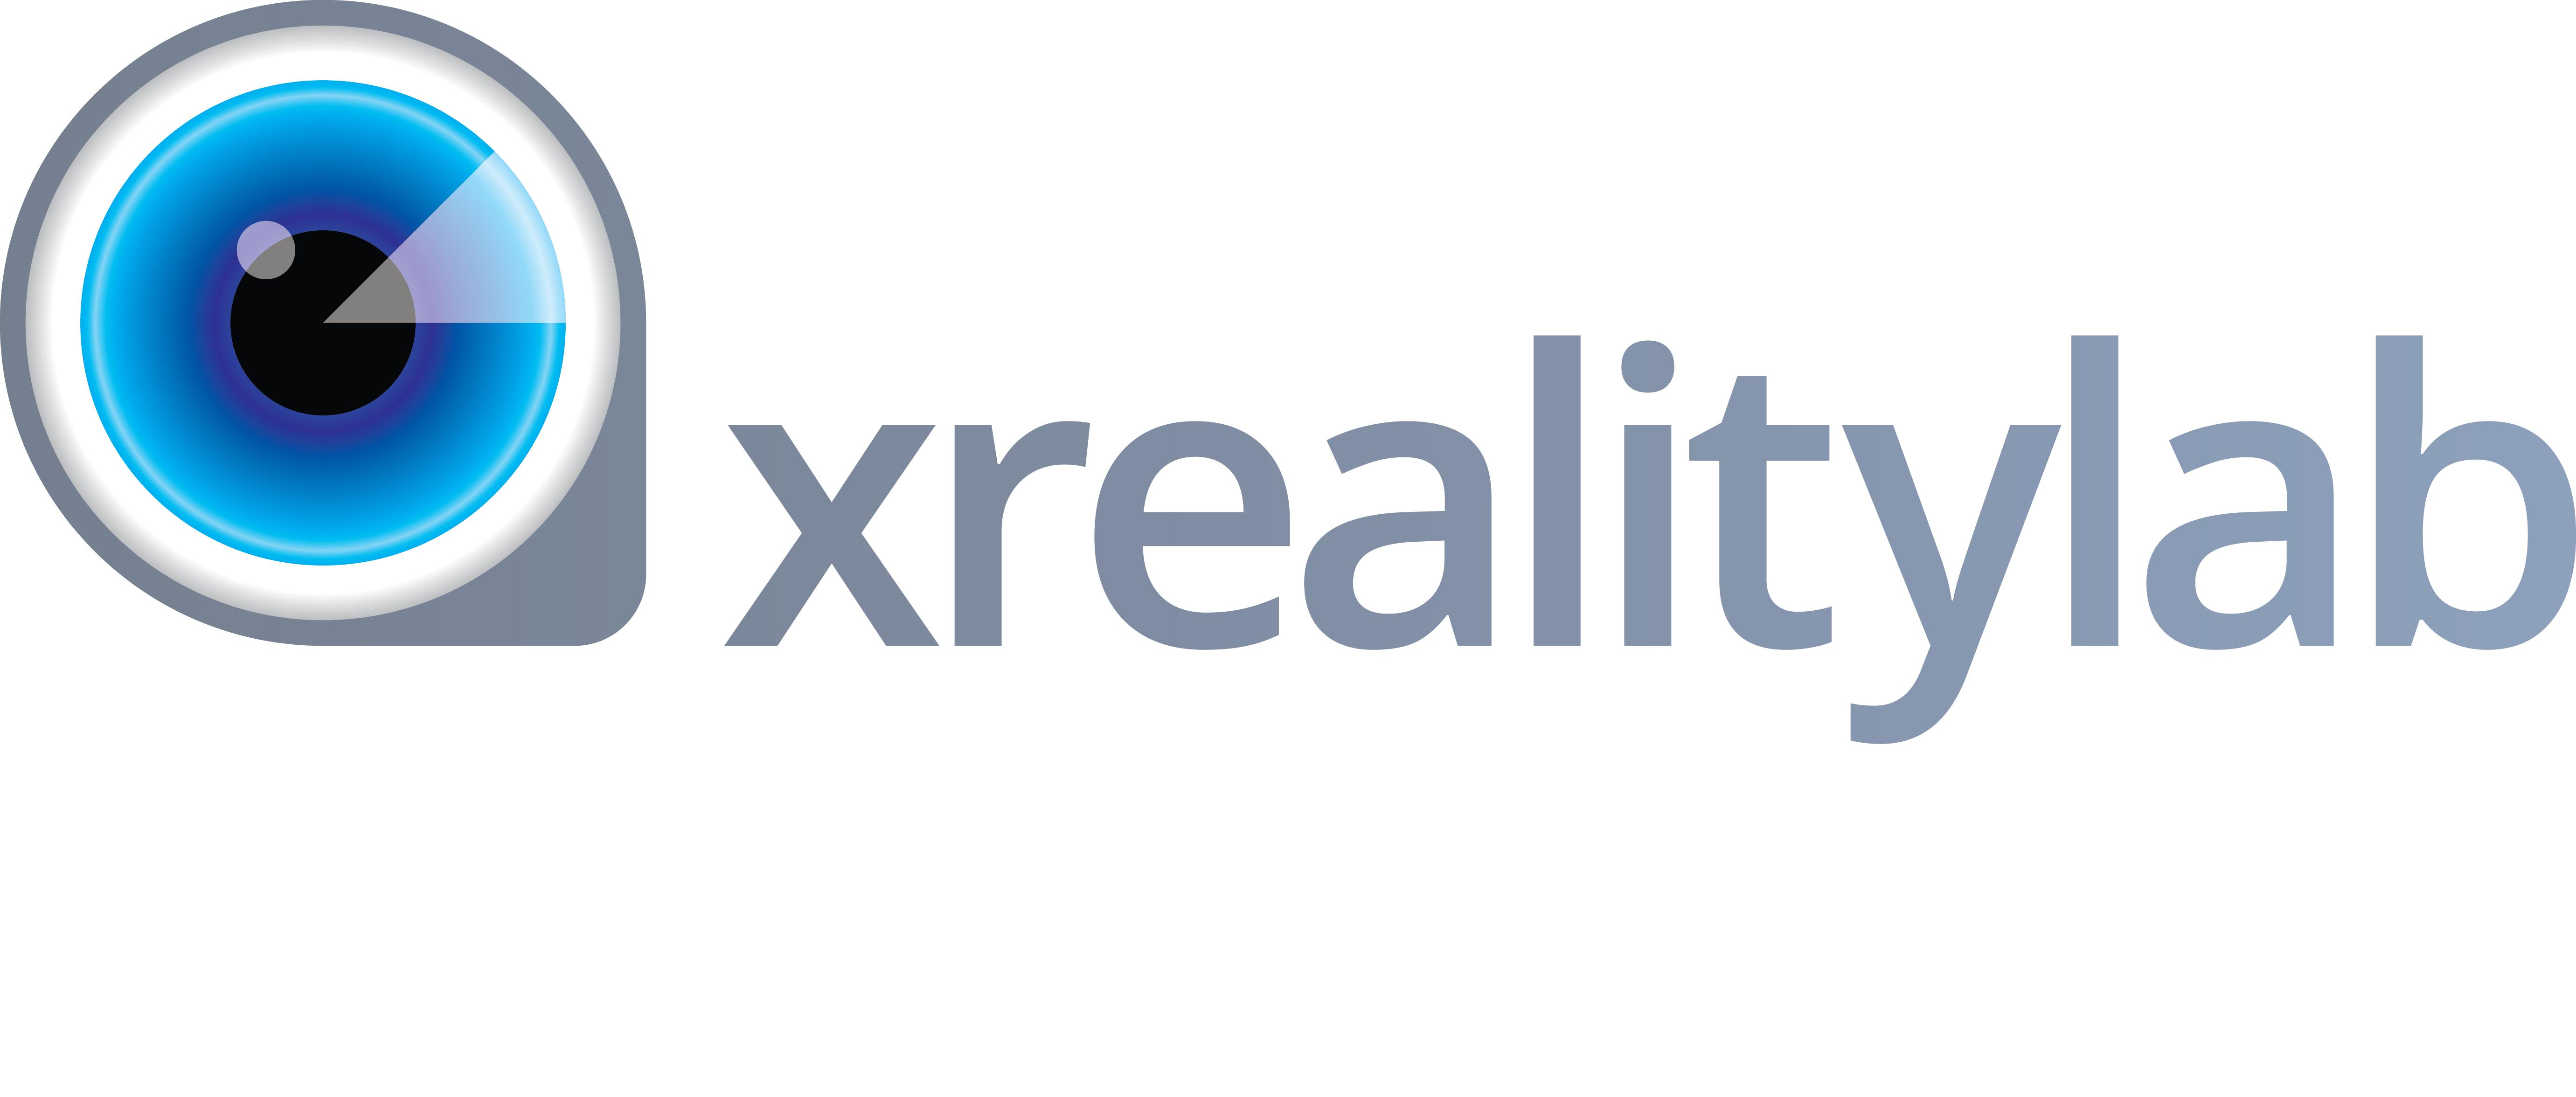 xrealitylab